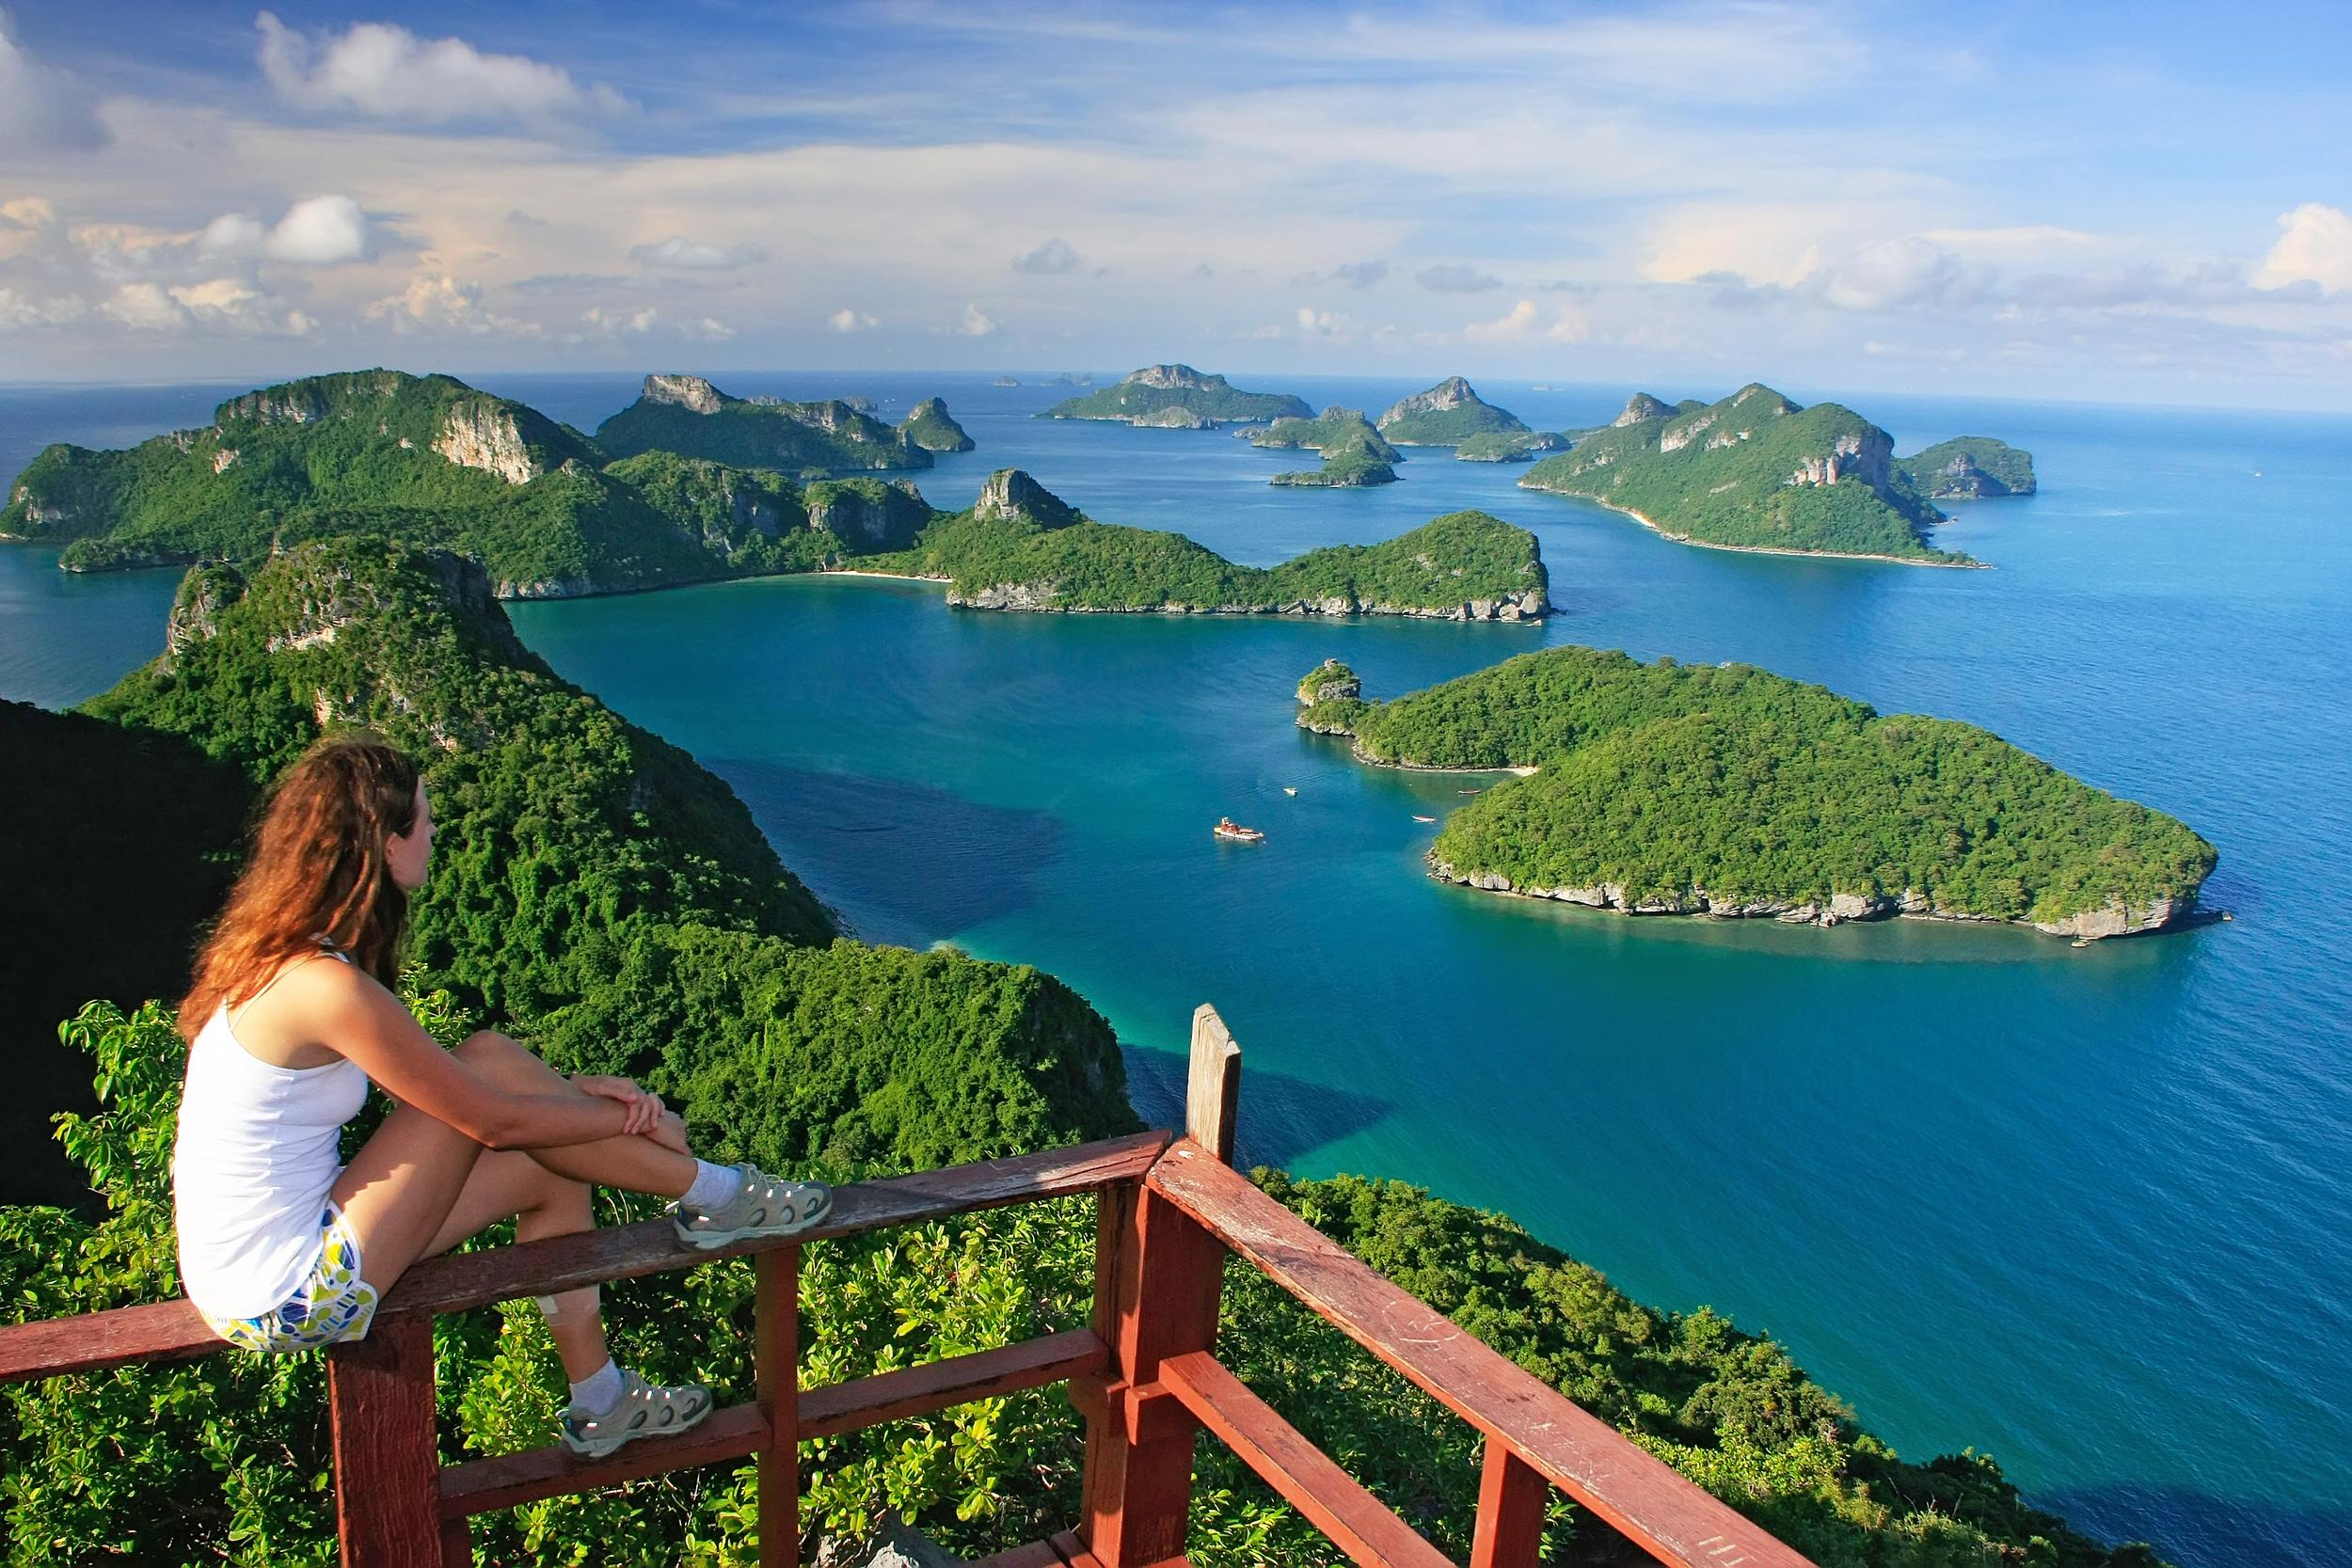 islatortugadivers.co koh tao ang thong mirador nacional parque